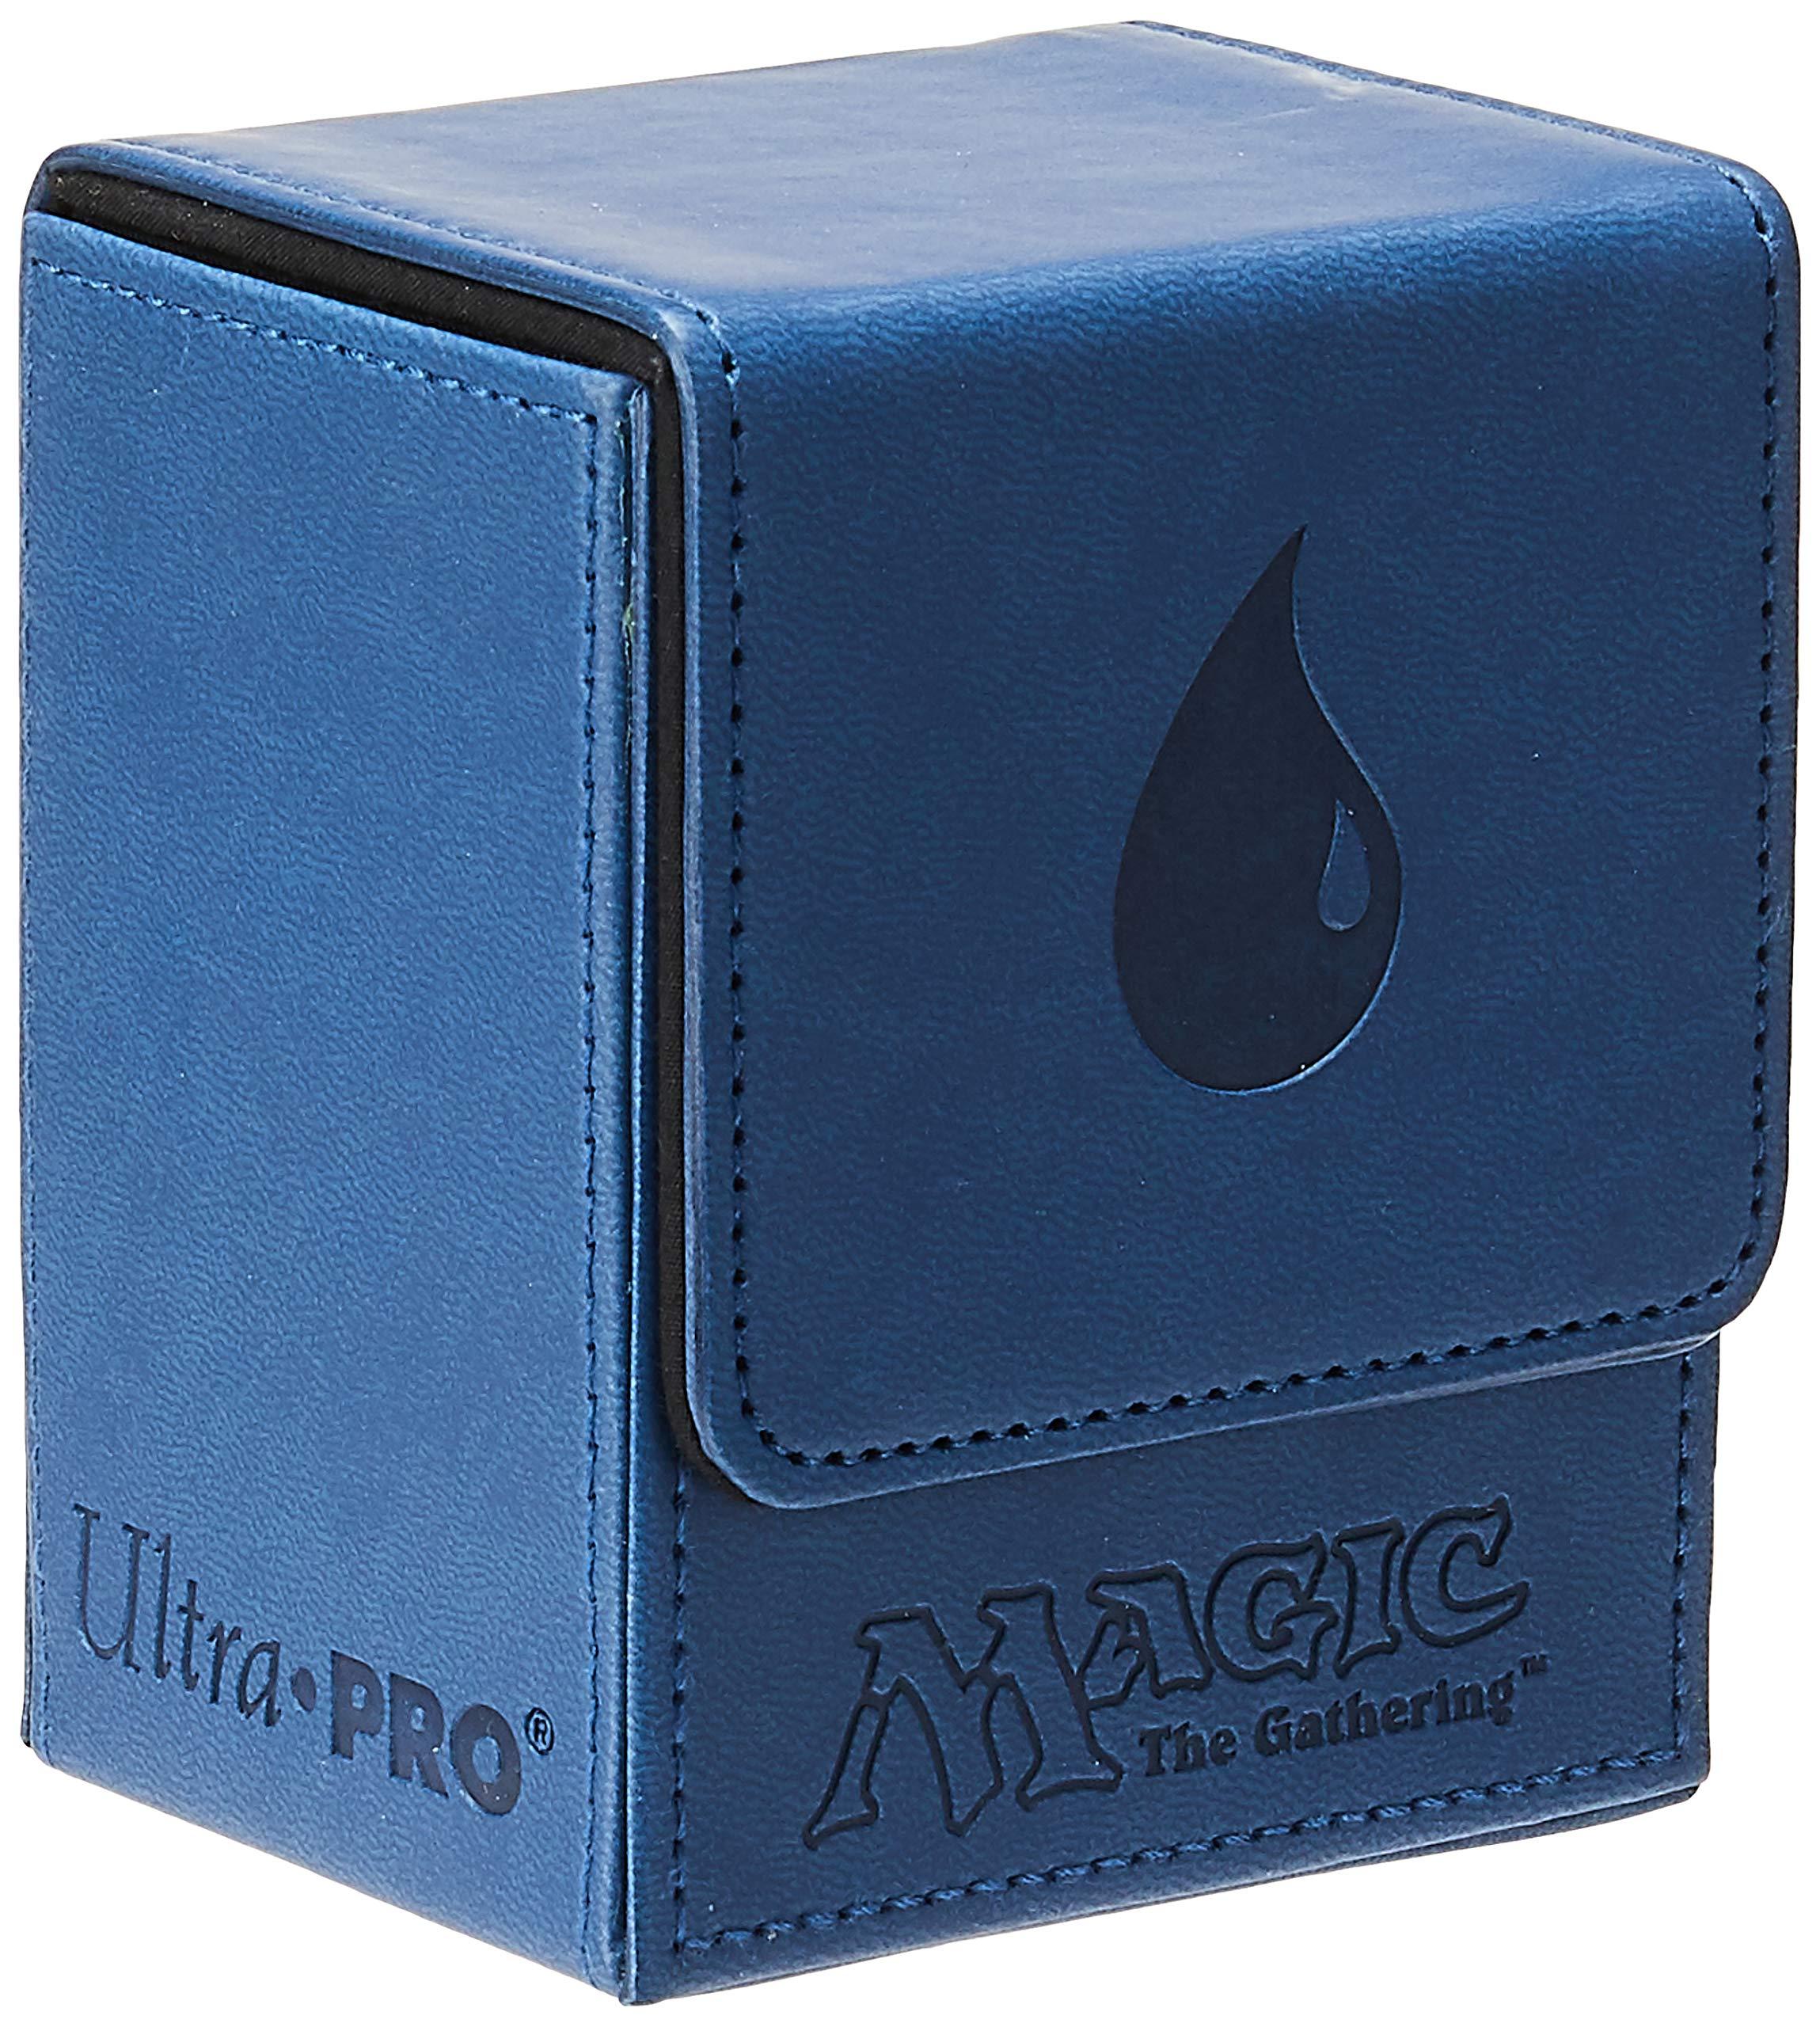 Ultra Pro Caja para Cartas coleccionables Magic: The Gathering (86107) (330758): Amazon.es: Juguetes y juegos